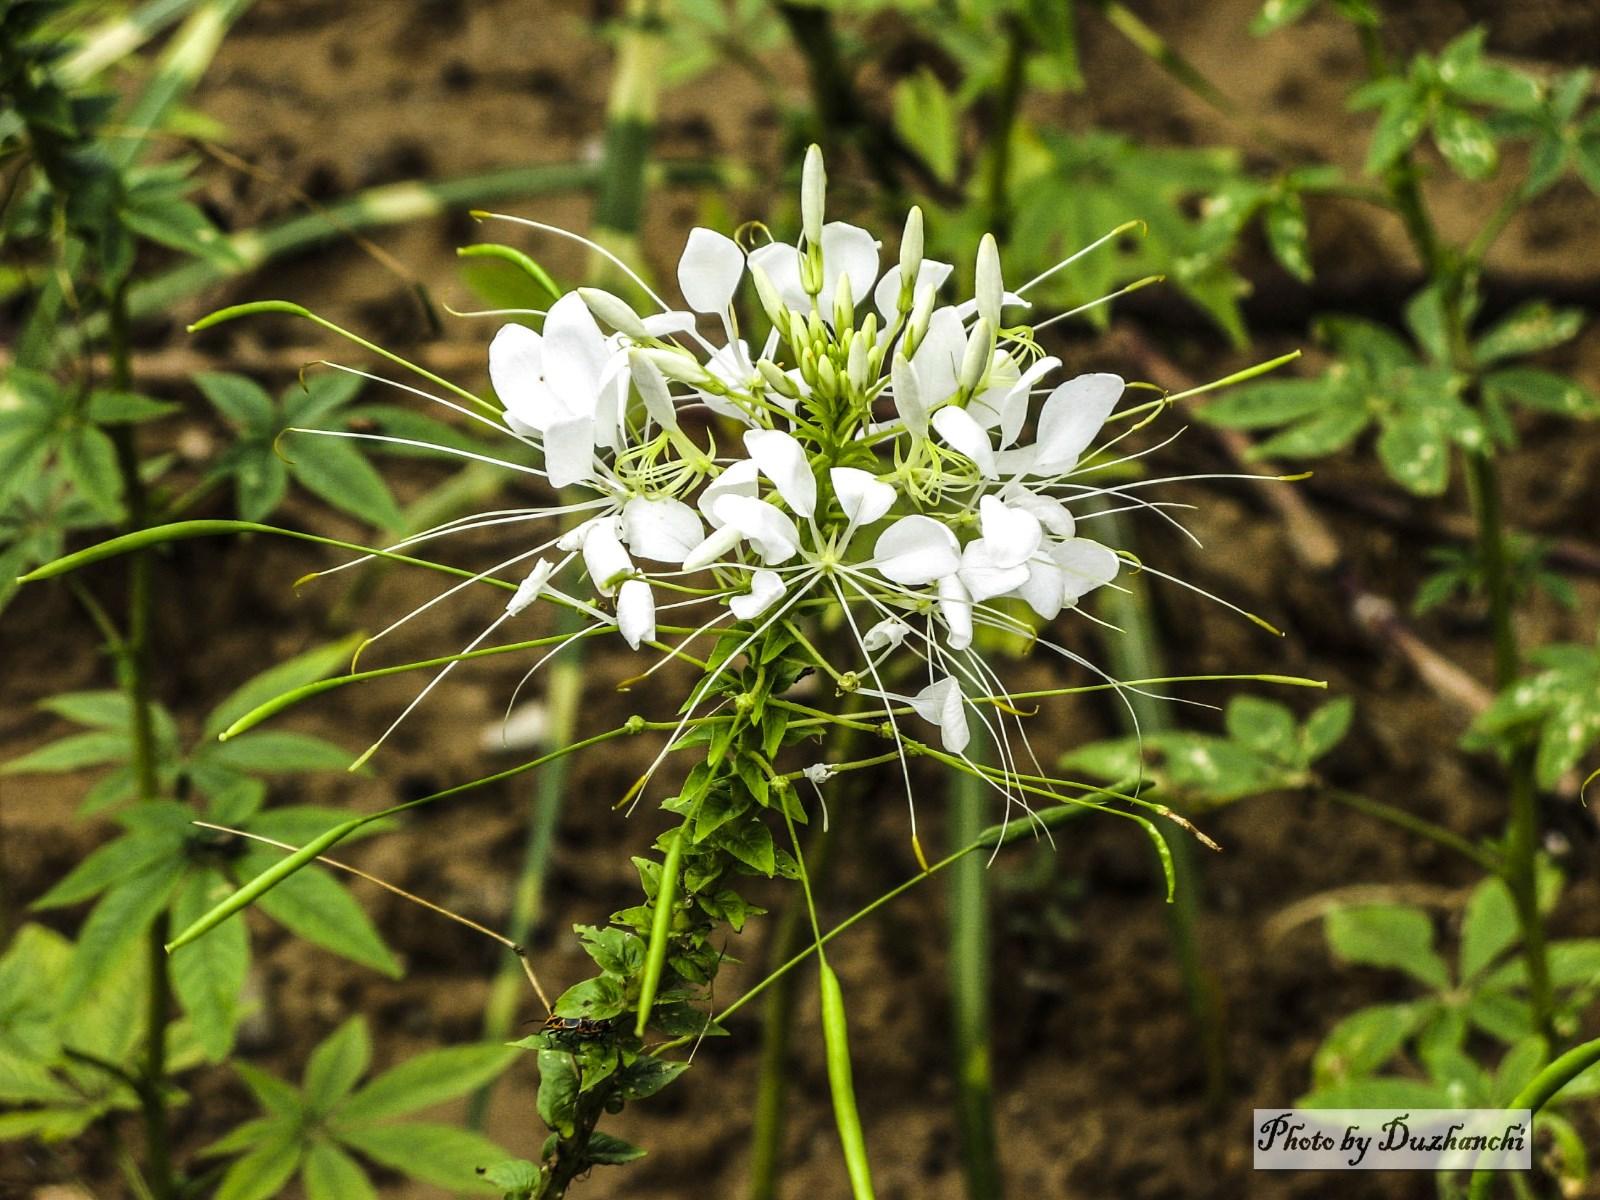 4IMG_5812醉蝶花(宝石白色)植物园(选)_1_1-1.jpg